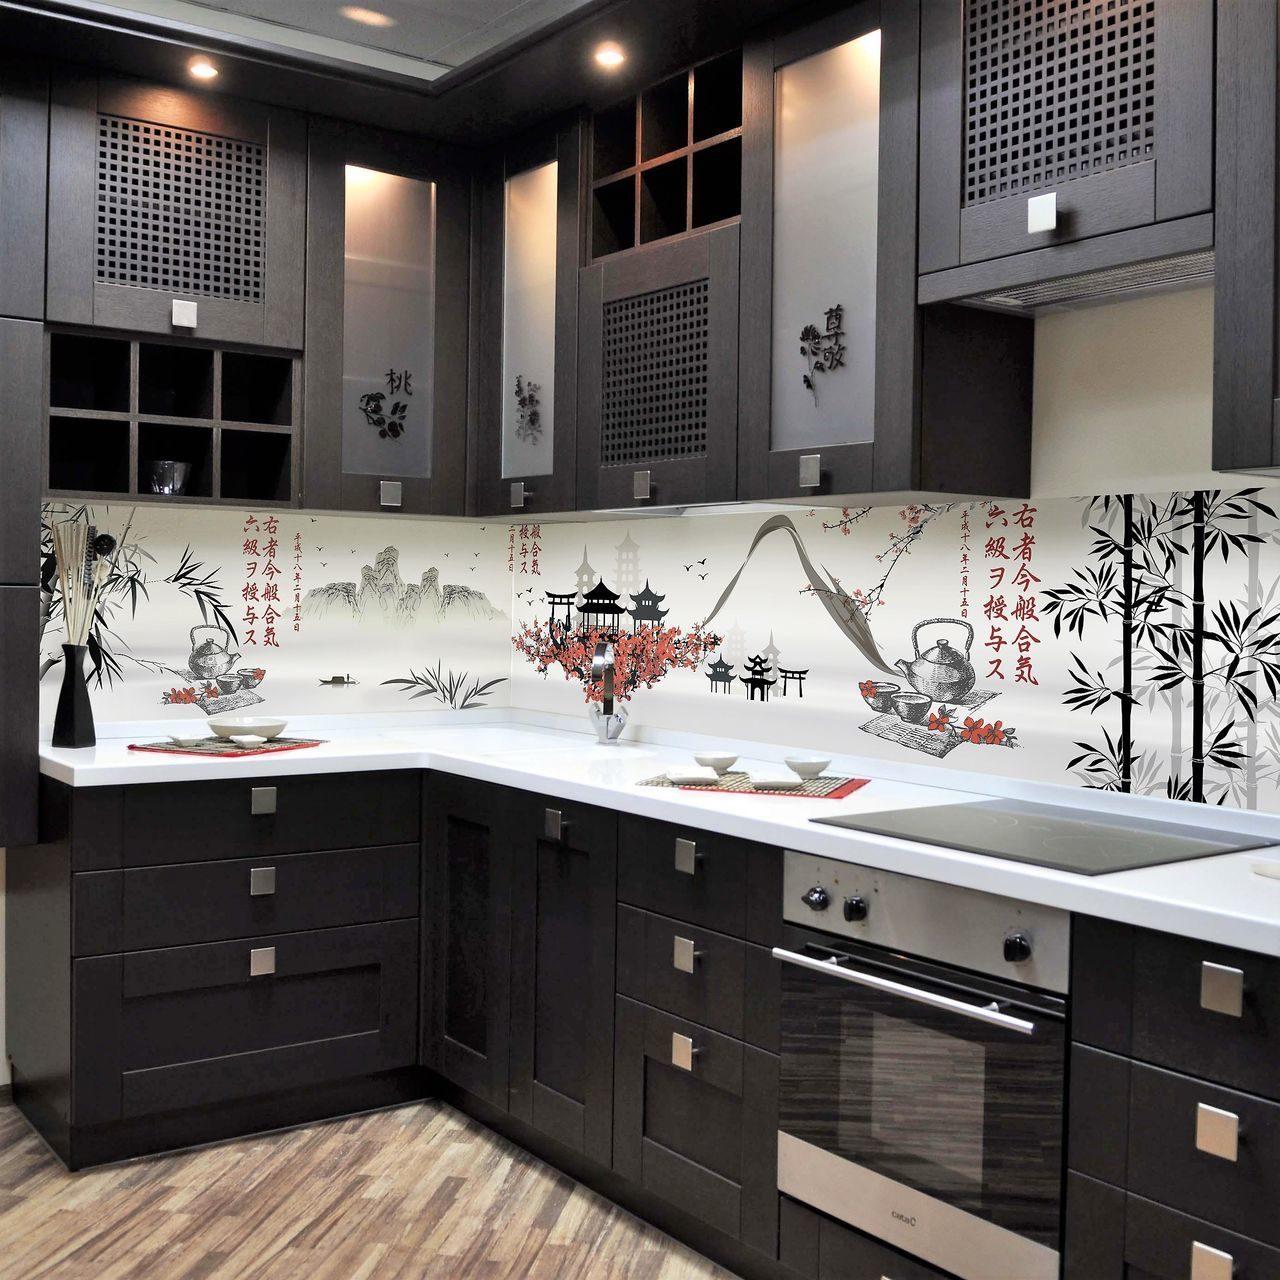 фартук для кухни с рисунком